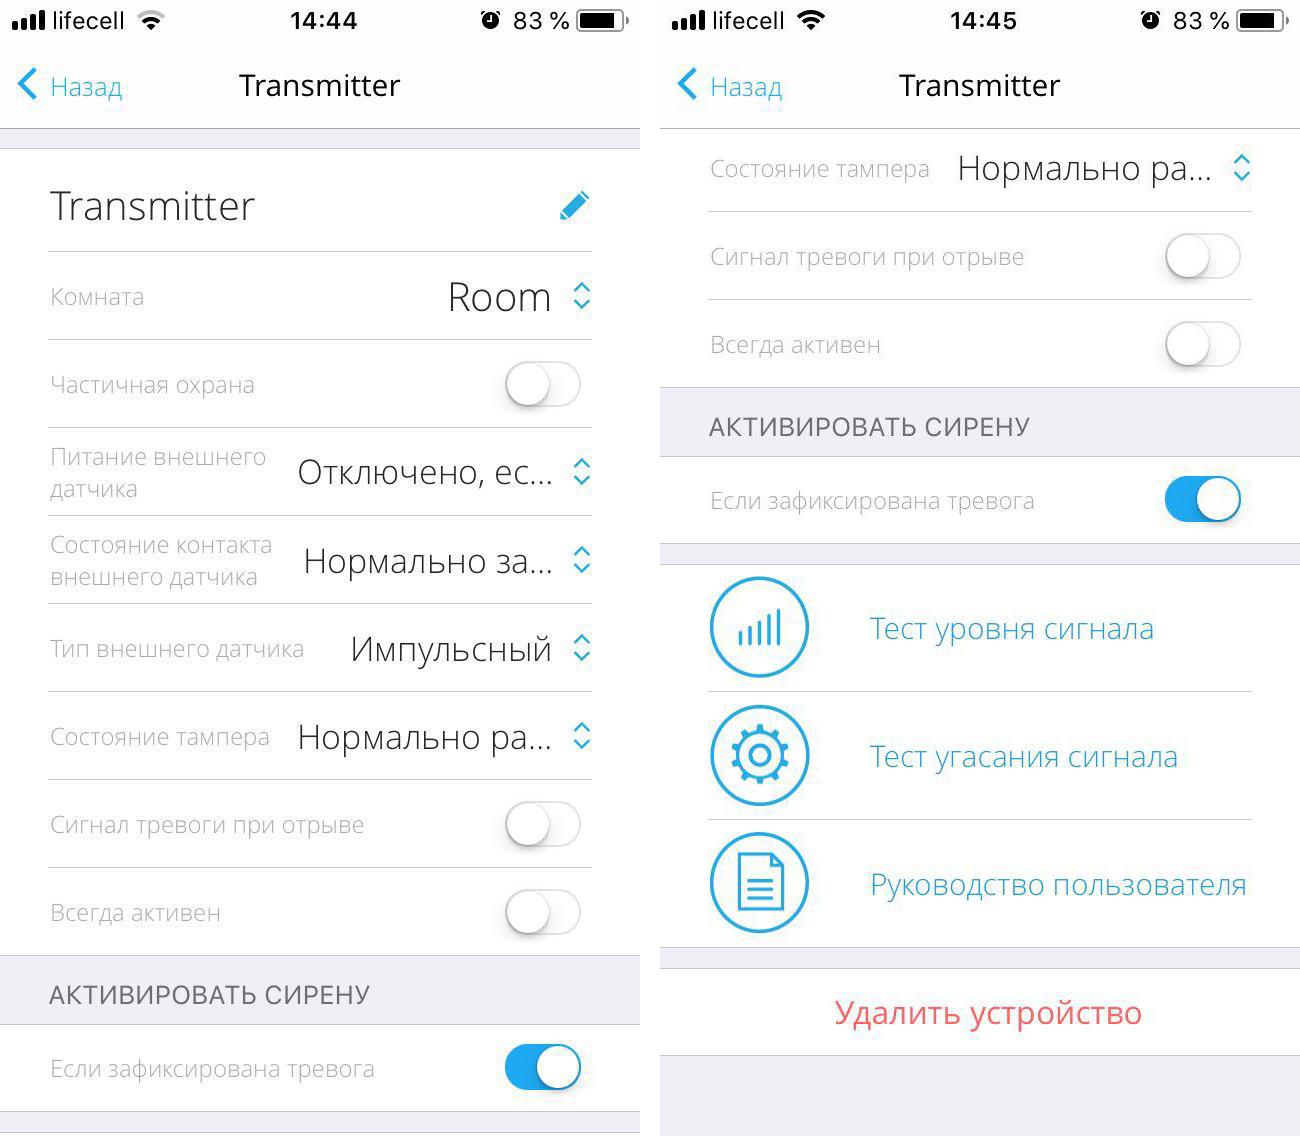 мобильное приложение Ajax